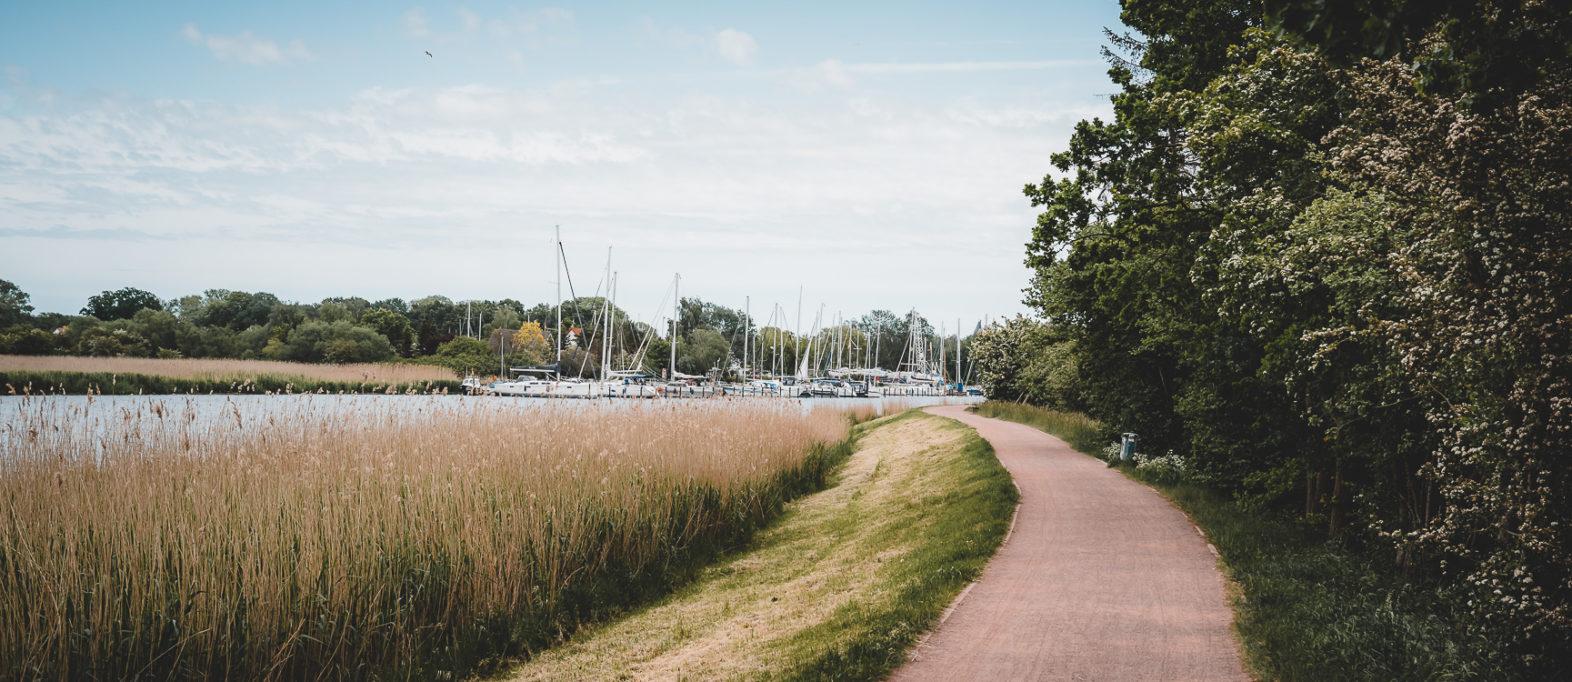 Fahrradweg nach Wieck Greifswald